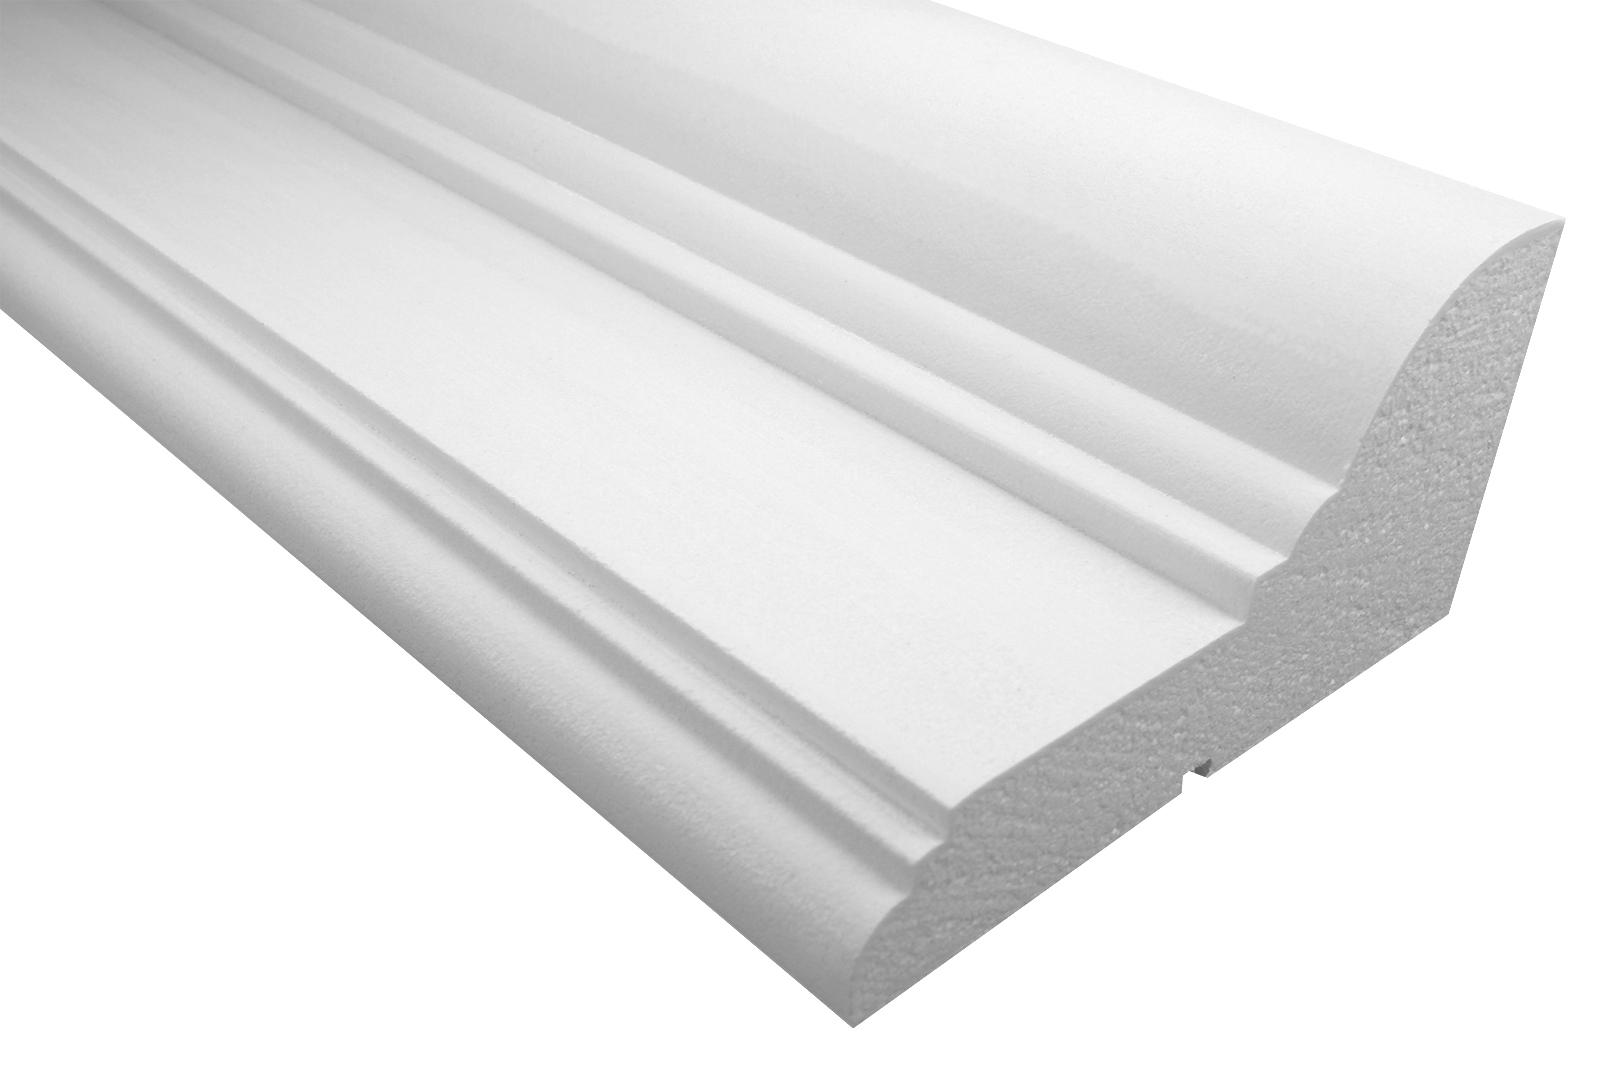 Fassade   Gesims   EPS   PU  stoßfest  135x260mm   KC131